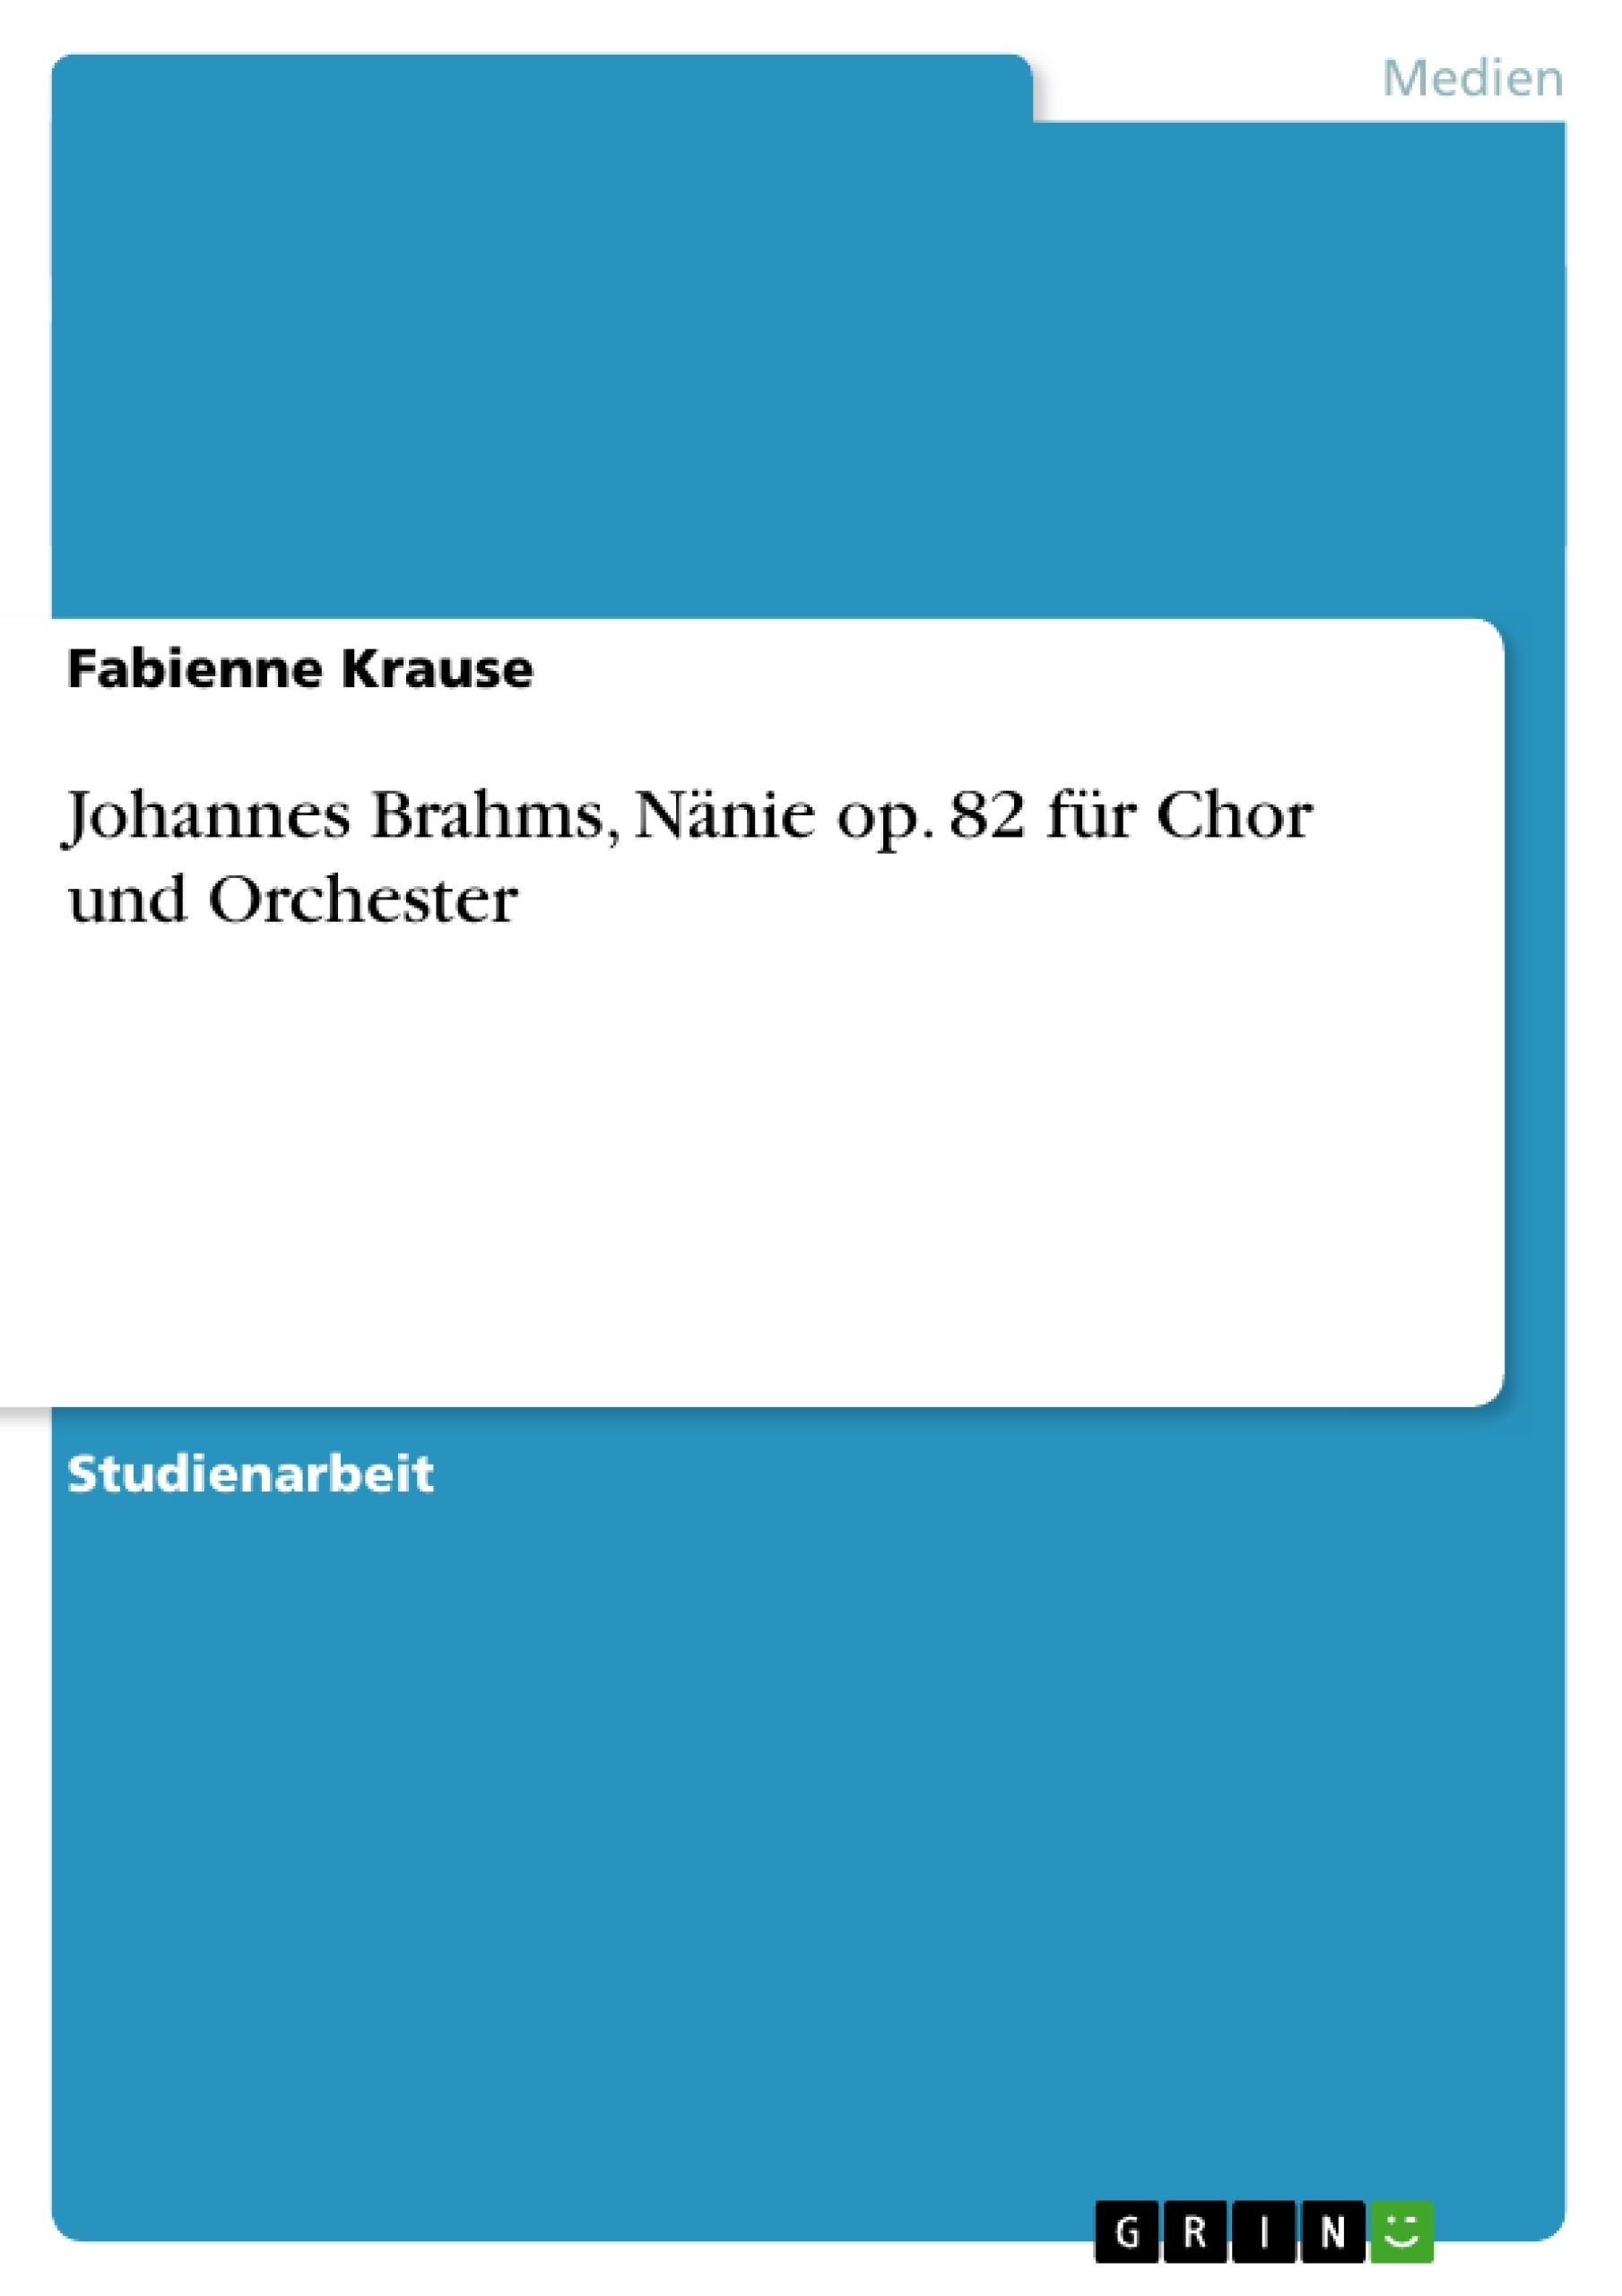 Titel: Johannes Brahms, Nänie op. 82 für Chor und Orchester